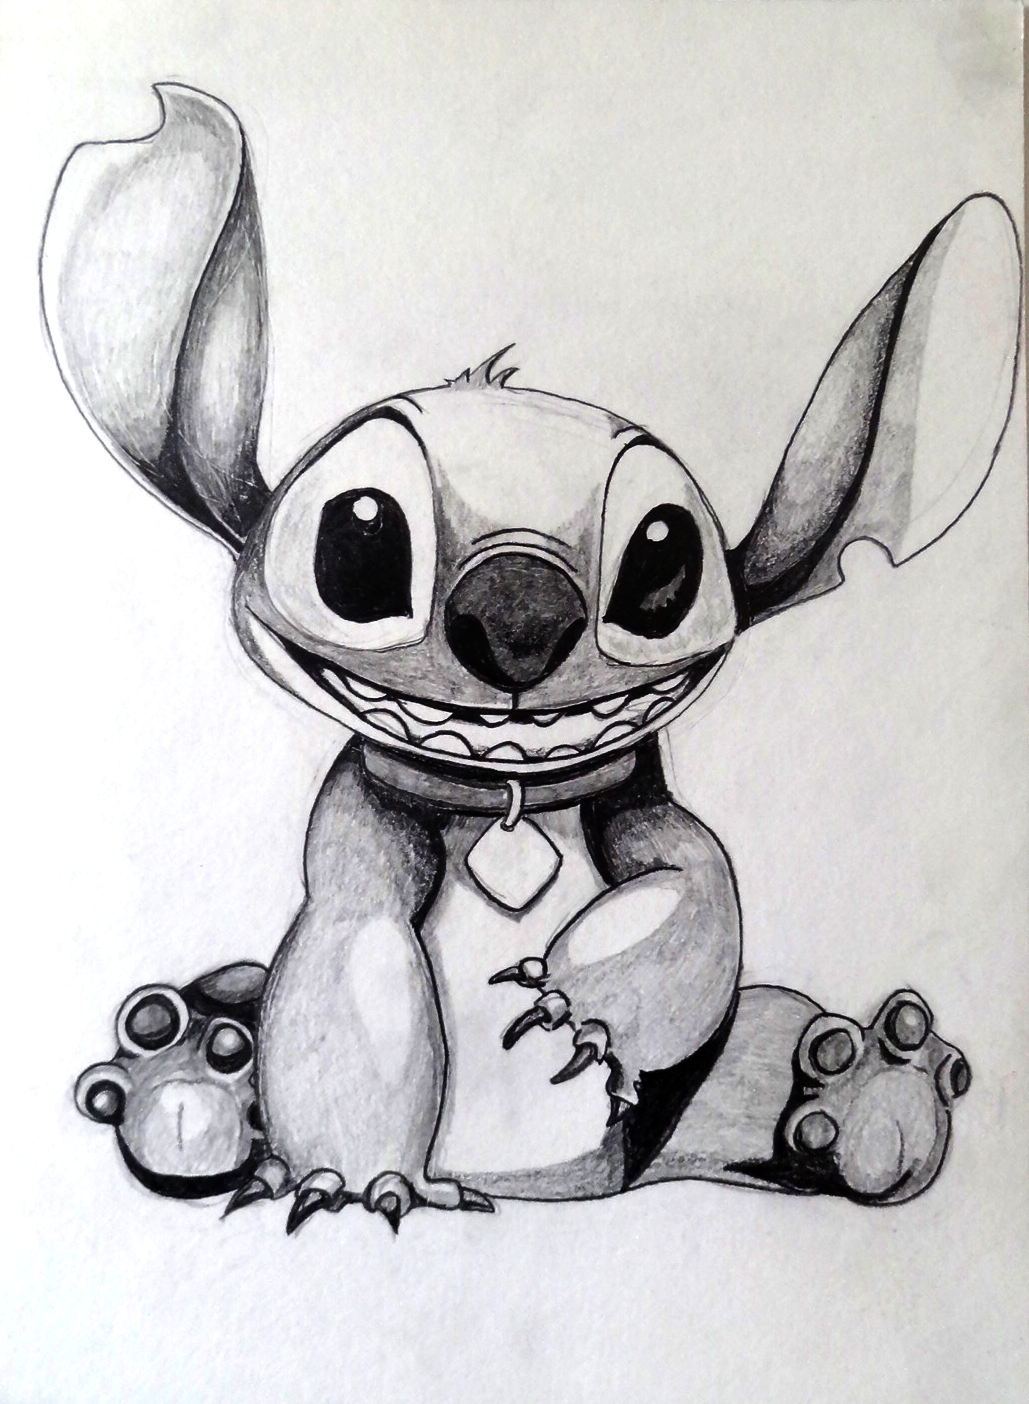 Dessin Stitch de Midona